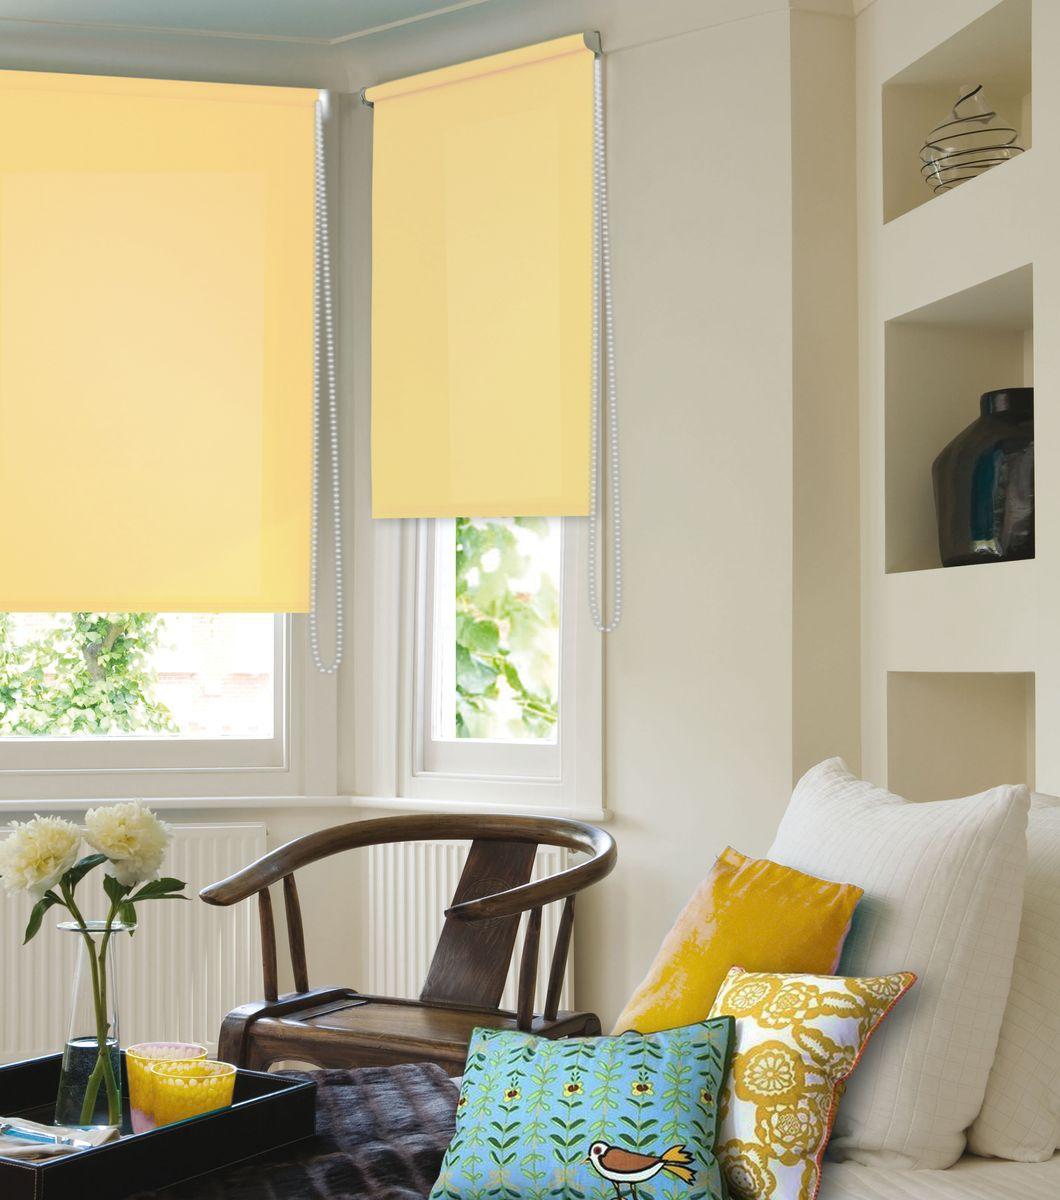 Штора рулонная Эскар Ролло, цвет: желтый, ширина 80 см, высота 170 см81103080170Рулонная штора Эскар Миниролло выполнена из высокопрочной ткани, которая сохраняет свой размер даже при намокании. Ткань не выцветает и обладает отличной цветоустойчивостью.Миниролло - это подвид рулонных штор, который закрывает не весь оконный проем, а непосредственно само стекло. Такие шторы крепятся на раму без сверления при помощи зажимов или клейкой двухсторонней ленты (в комплекте). Окно остается на гарантии, благодаря монтажу без сверления. Такая штора станет прекрасным элементом декора окна и гармонично впишется в интерьер любого помещения.